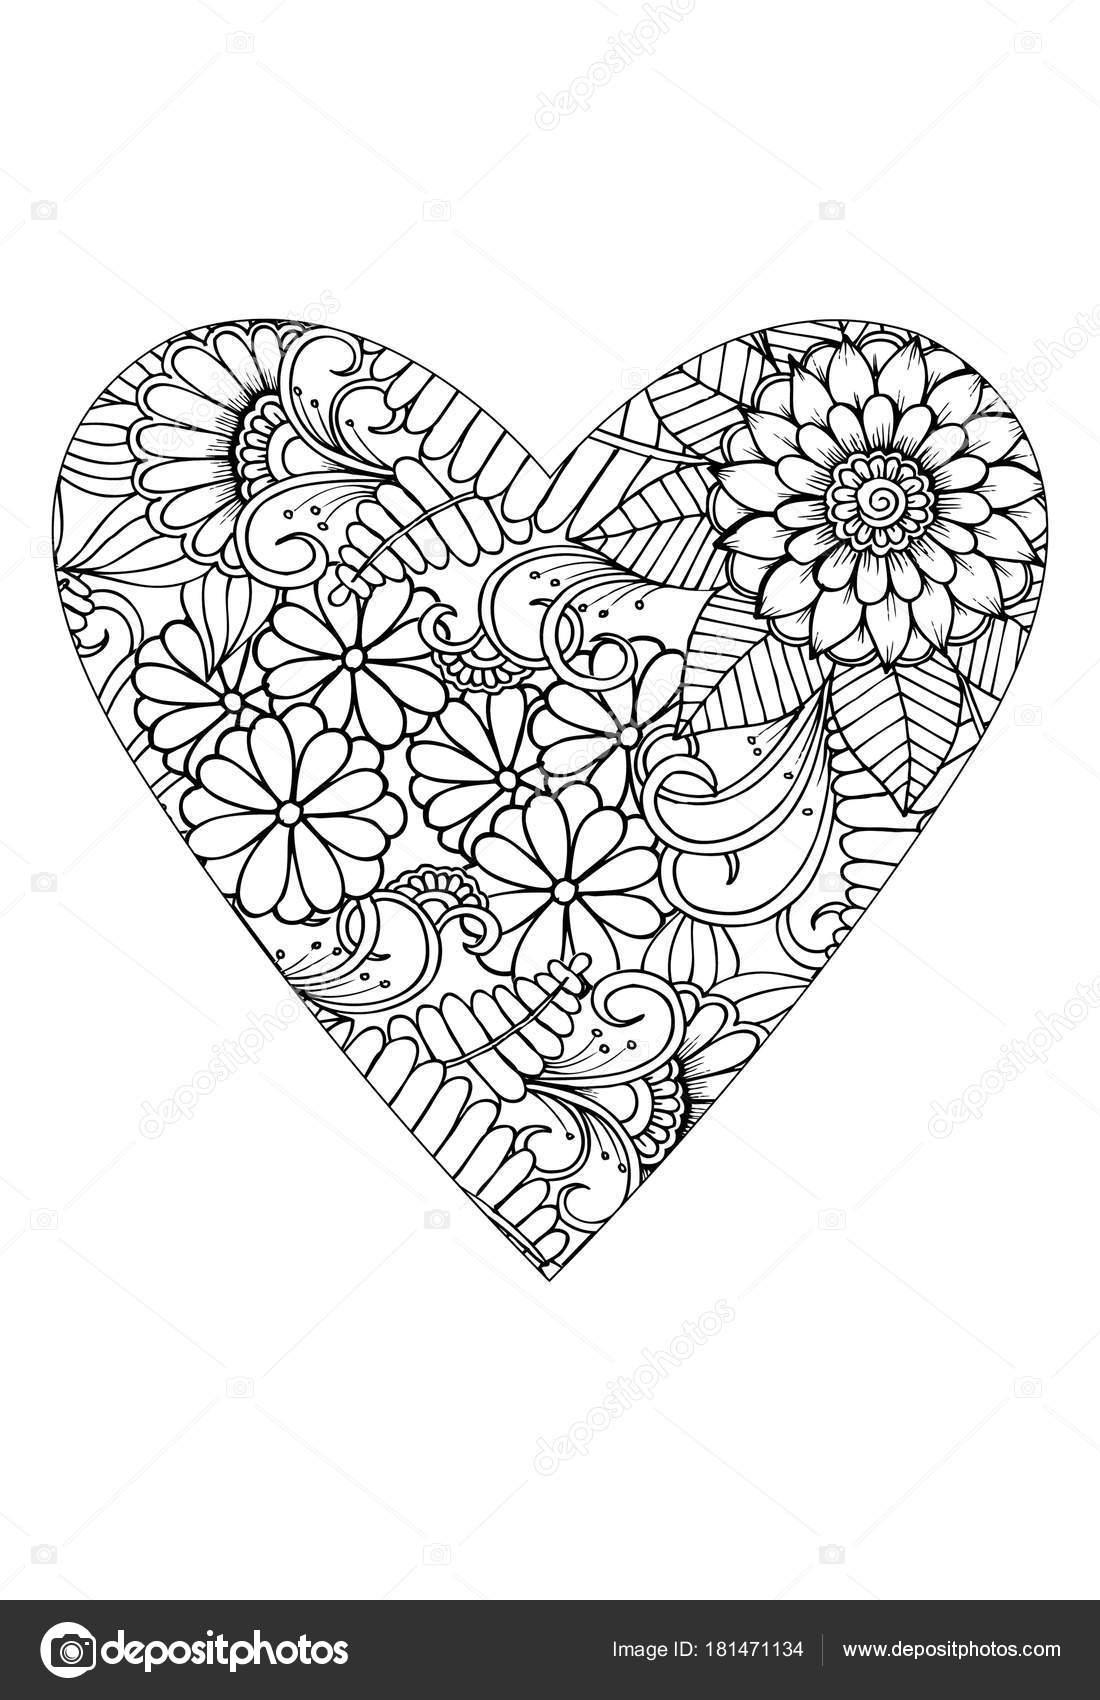 Boyama Kitabı Stili Sevgililer Günü Teması Kalp çiçek Desenli Vektör